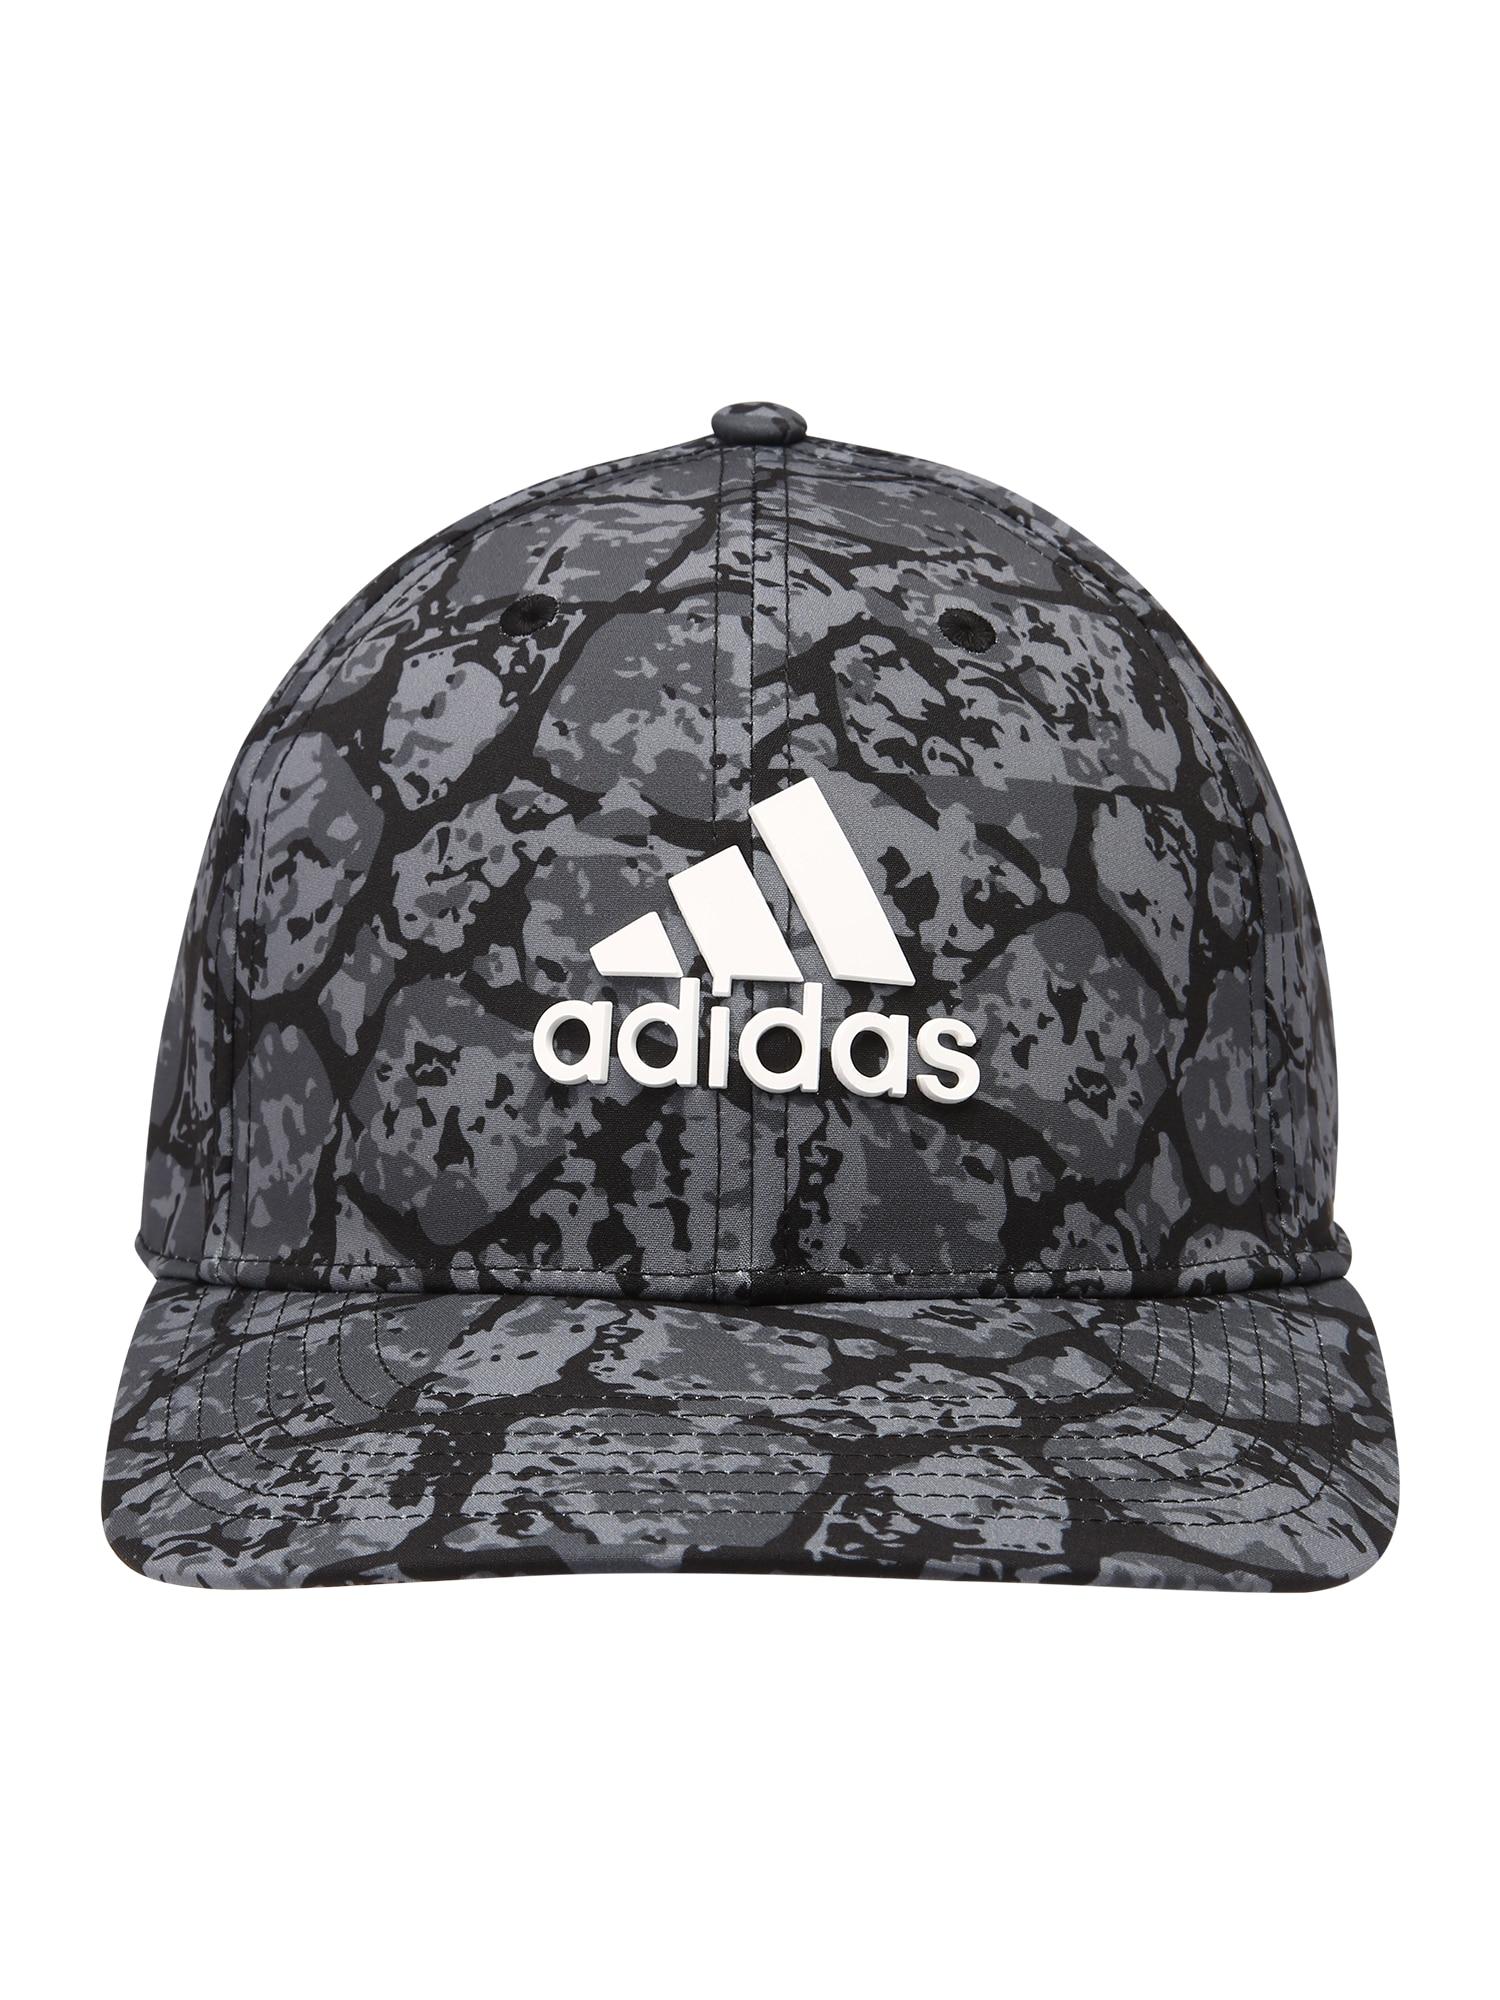 adidas Golf Sportinė kepurė juoda / balta / pilka / tamsiai pilka